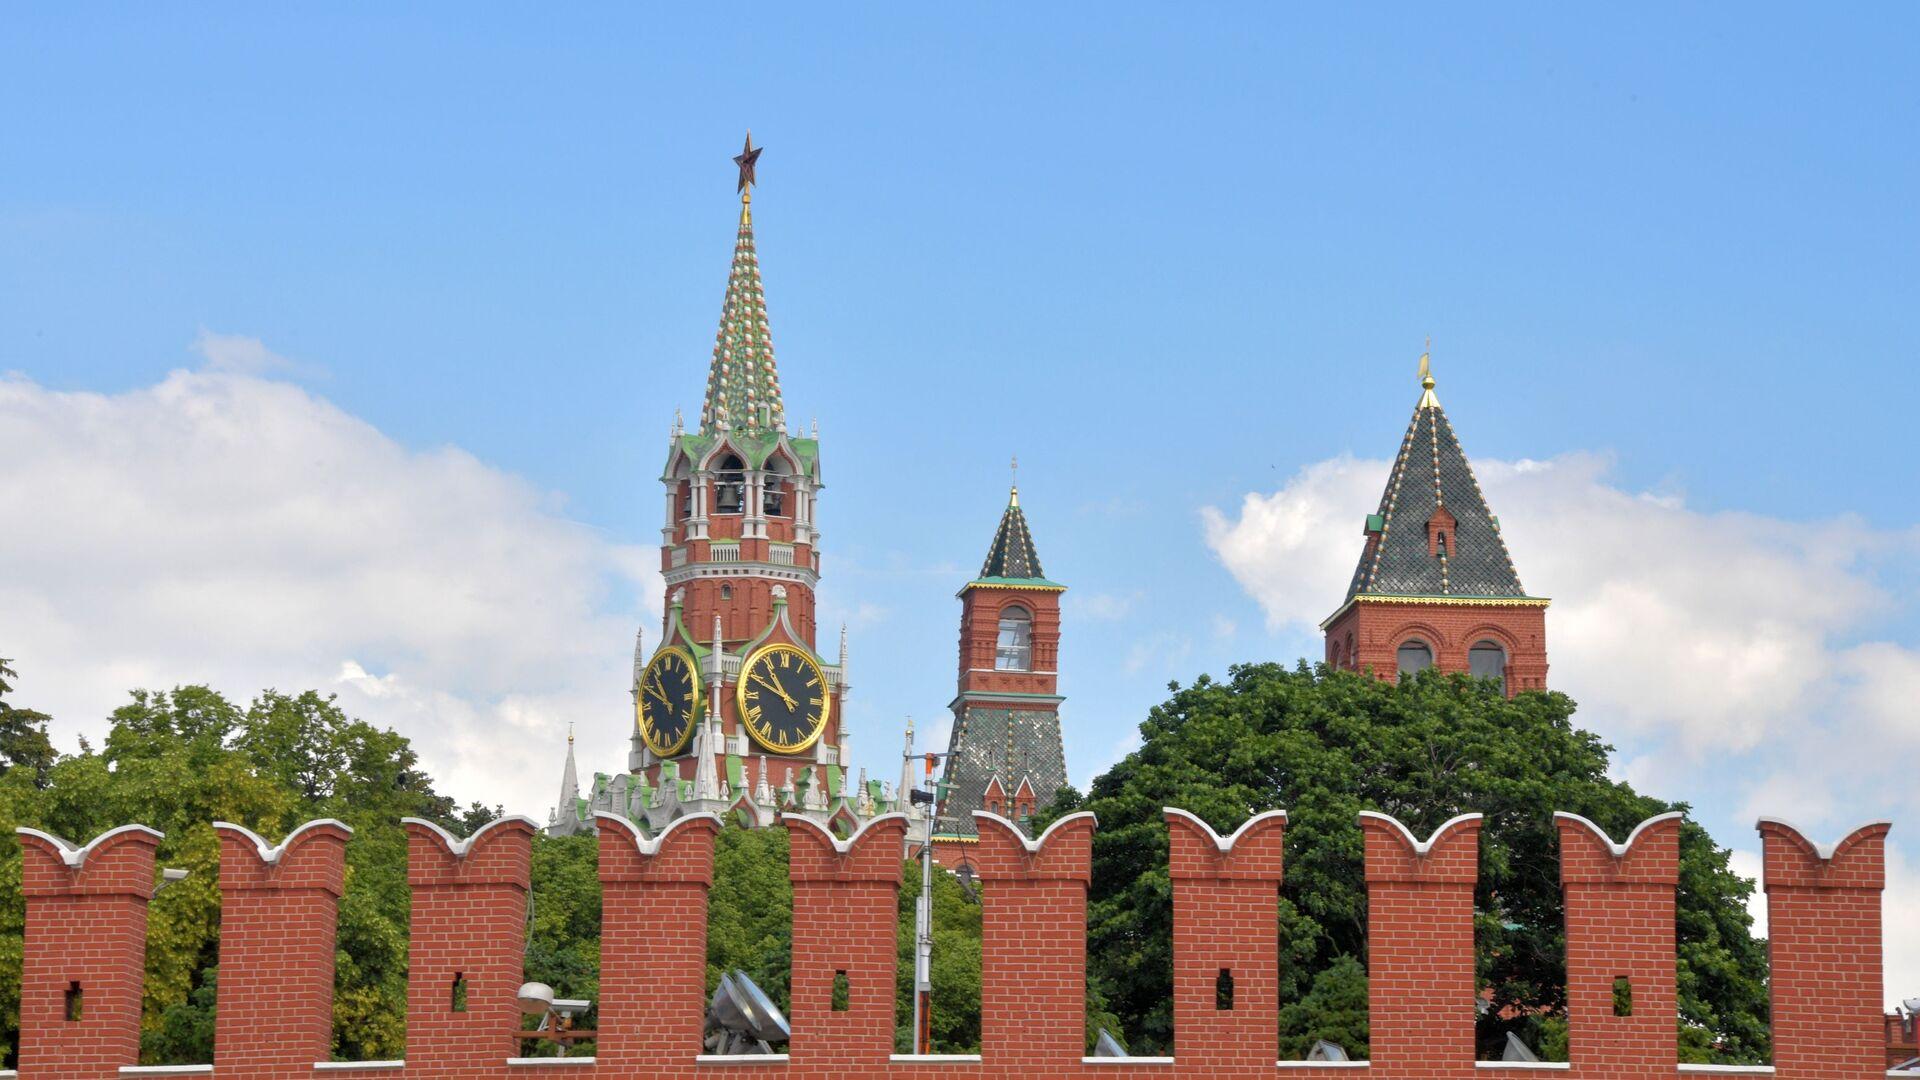 Pogled na Spasku kulu i zidine Kremlja u Moskvi - Sputnik Srbija, 1920, 23.07.2021